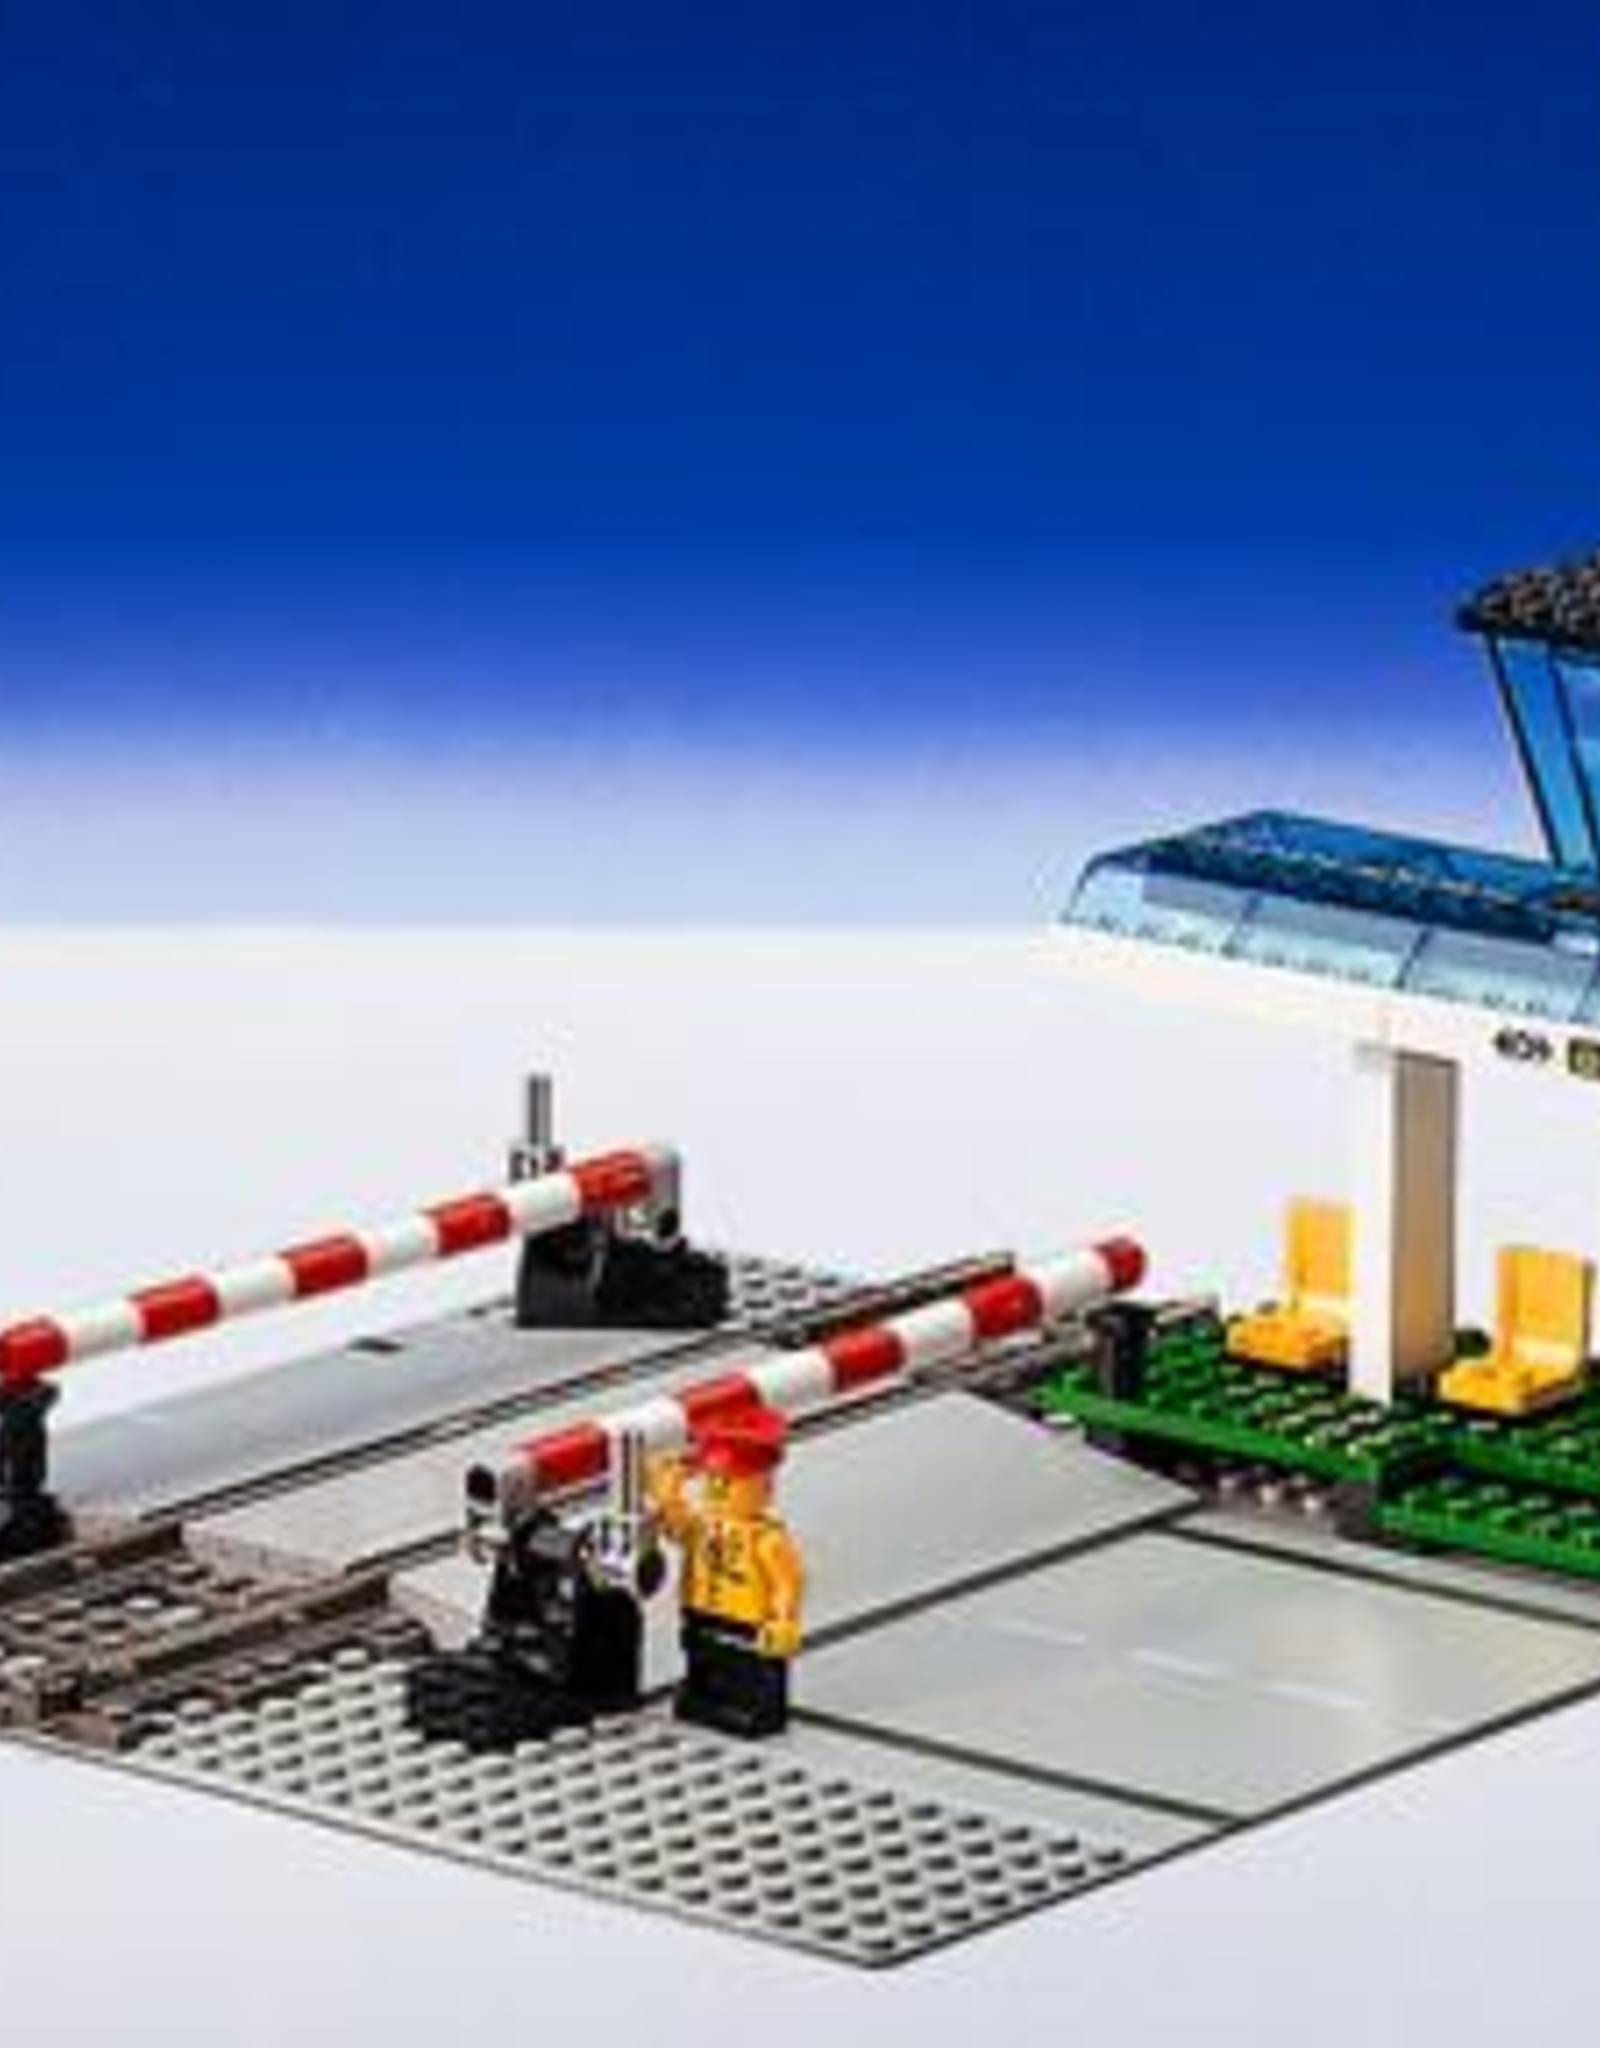 LEGO LEGO 4532 Manual Level Crossing SYSTEM